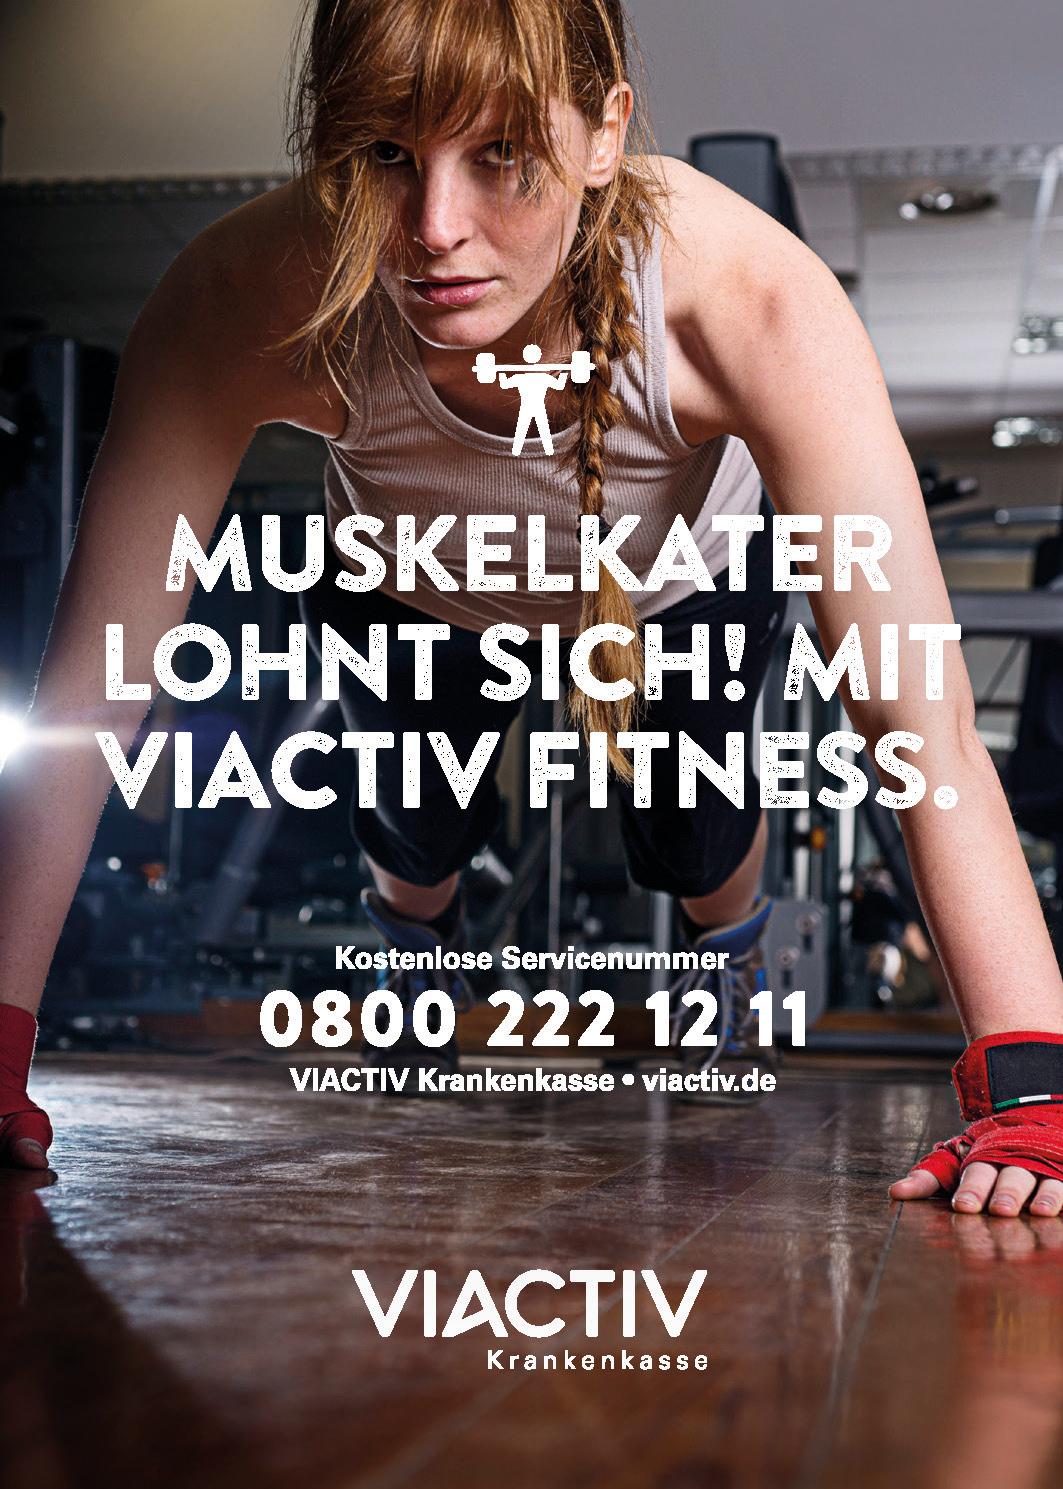 VIACTIV 181 2600 VIACTIV Fitness Online Anzeige